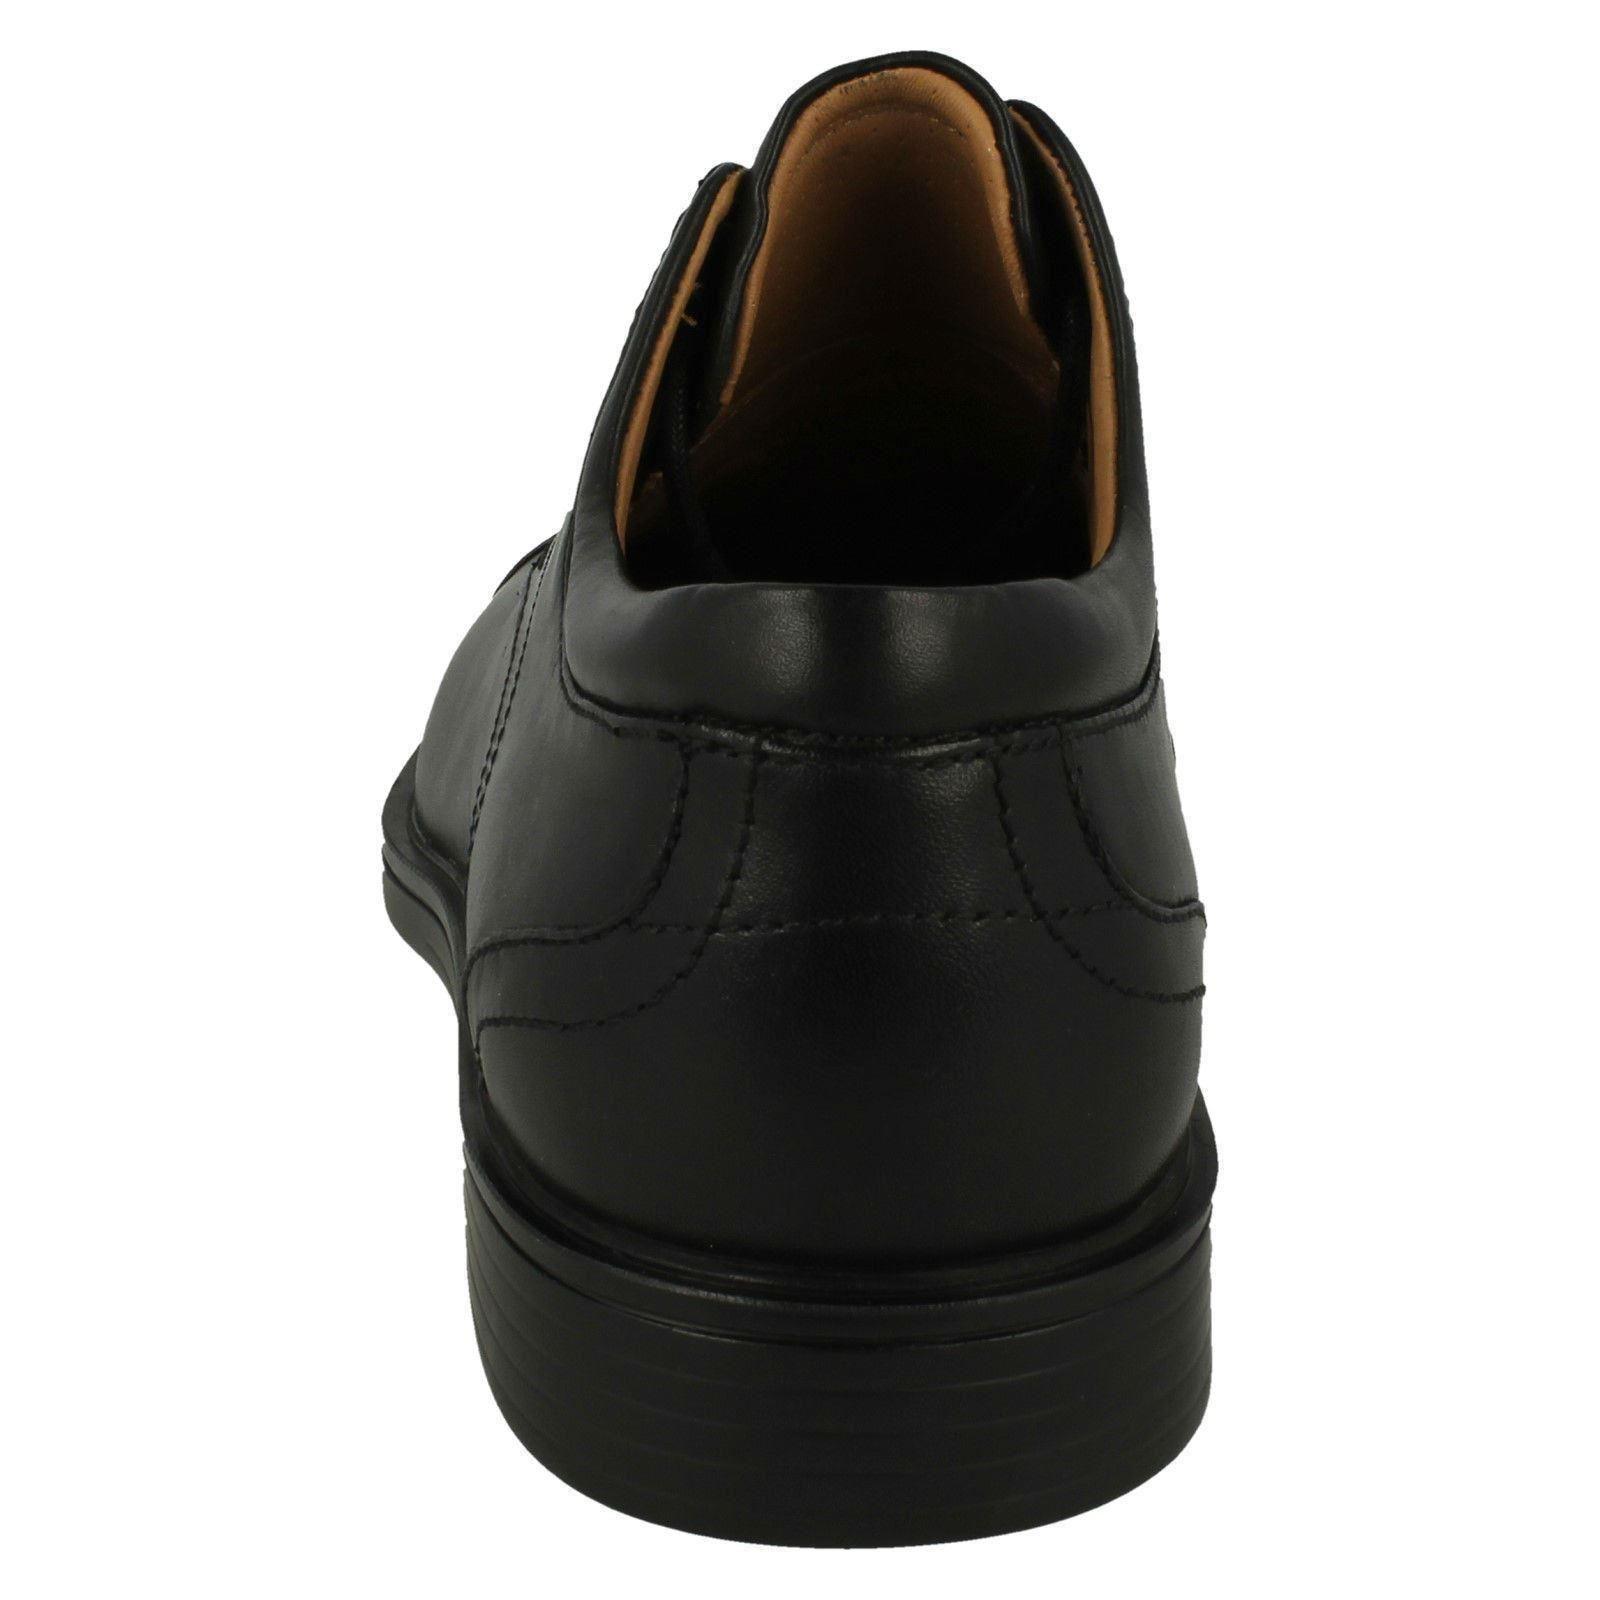 Men's Unstructured by Clarks Formal Lace Up Shoes Label - Un Aldric Cap